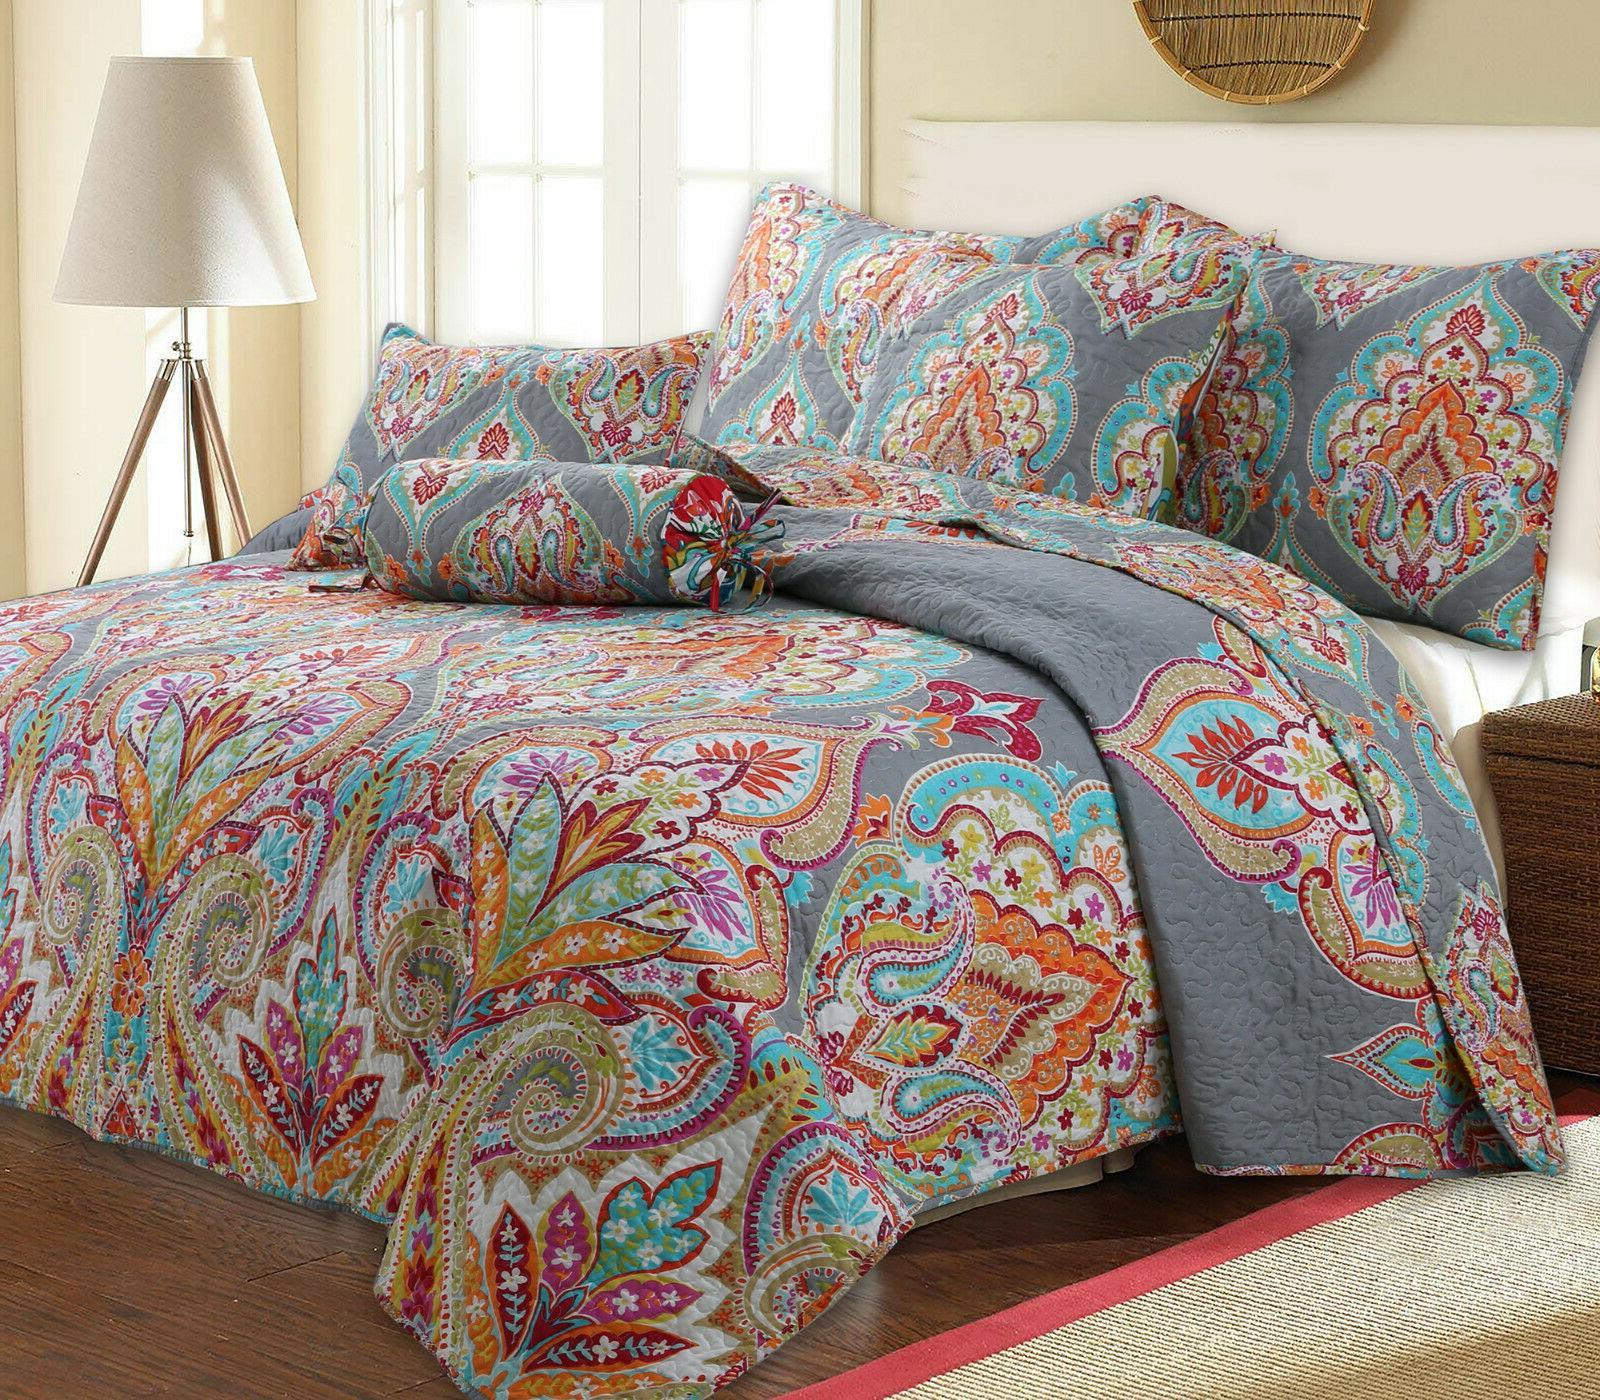 annalise 3 piece reversible quilt set bedspread